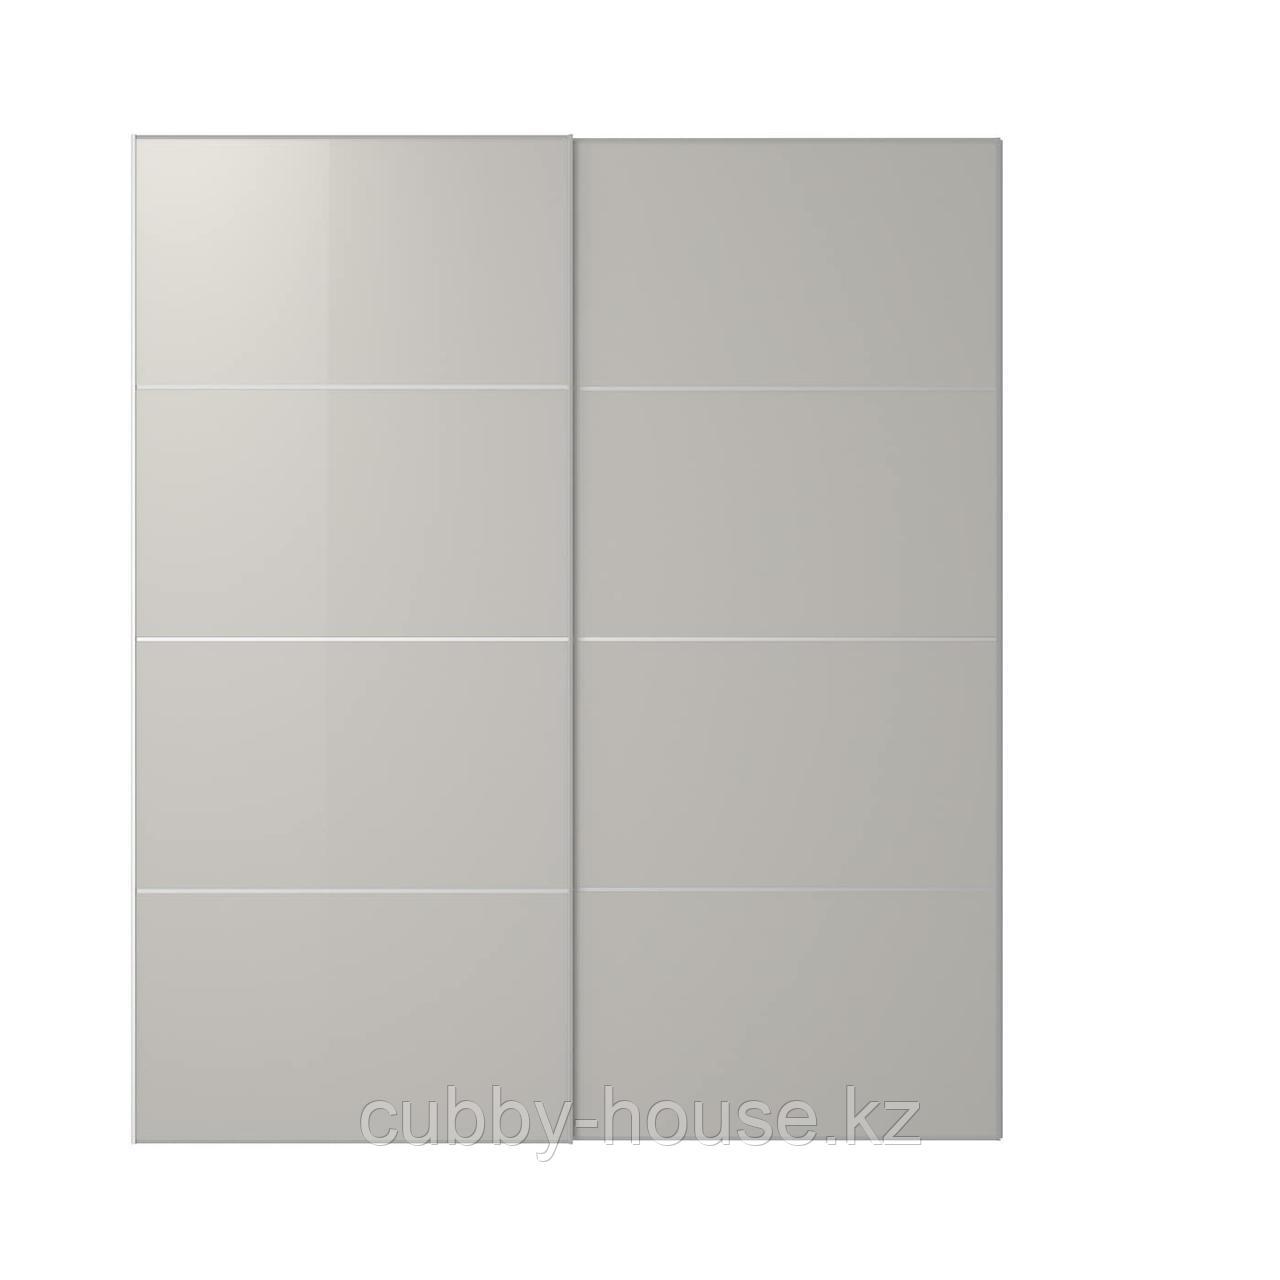 ХОККСУНД Пара раздвижных дверей, глянцевый светло-серый, 150x236 см